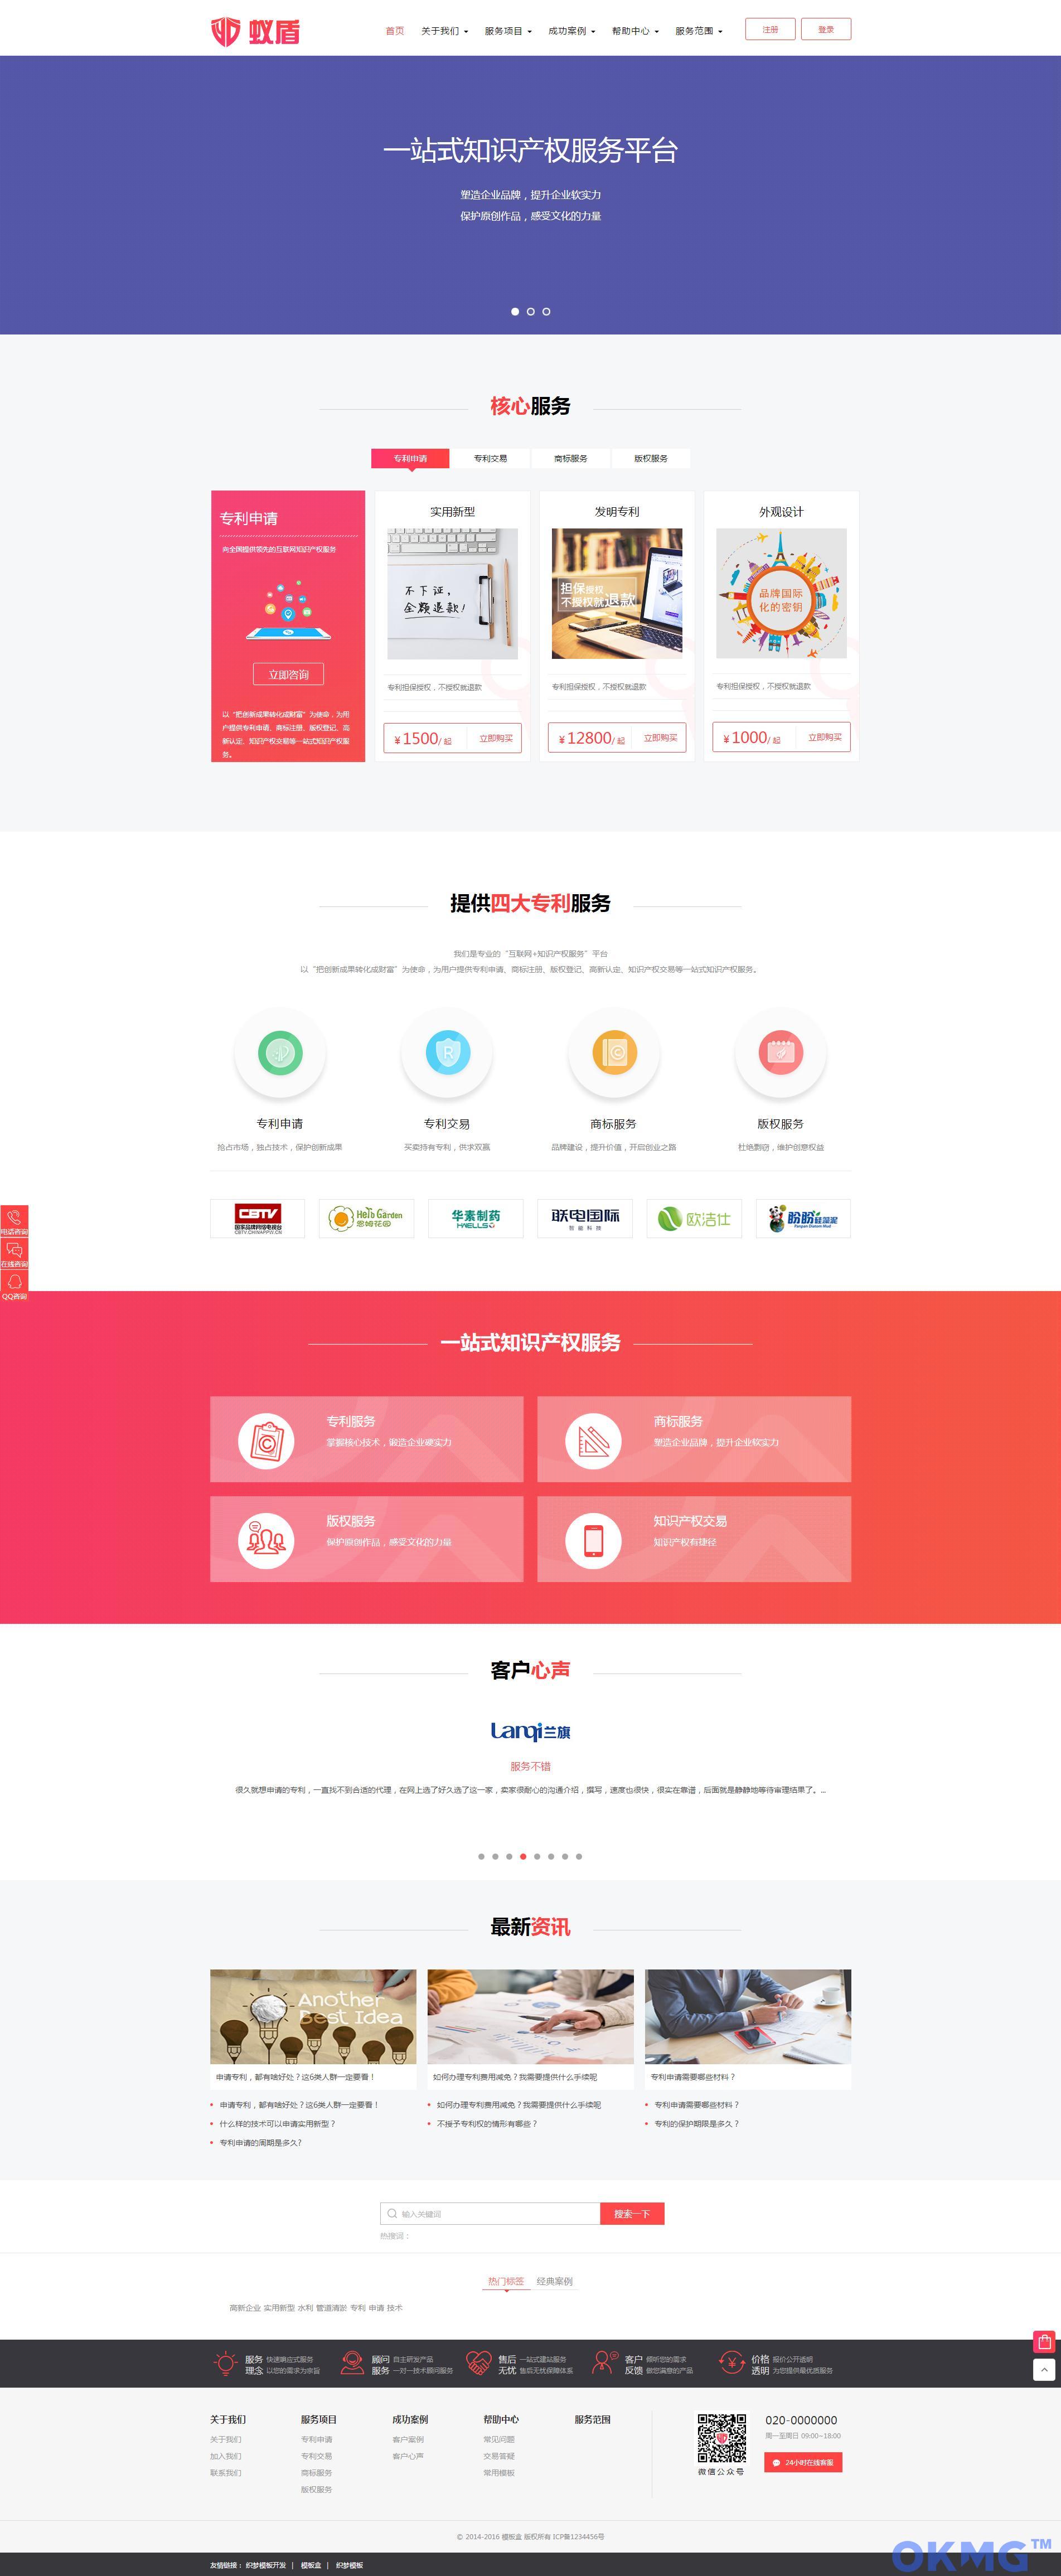 知识产权交易平台网站织梦模板(手机版+支付)